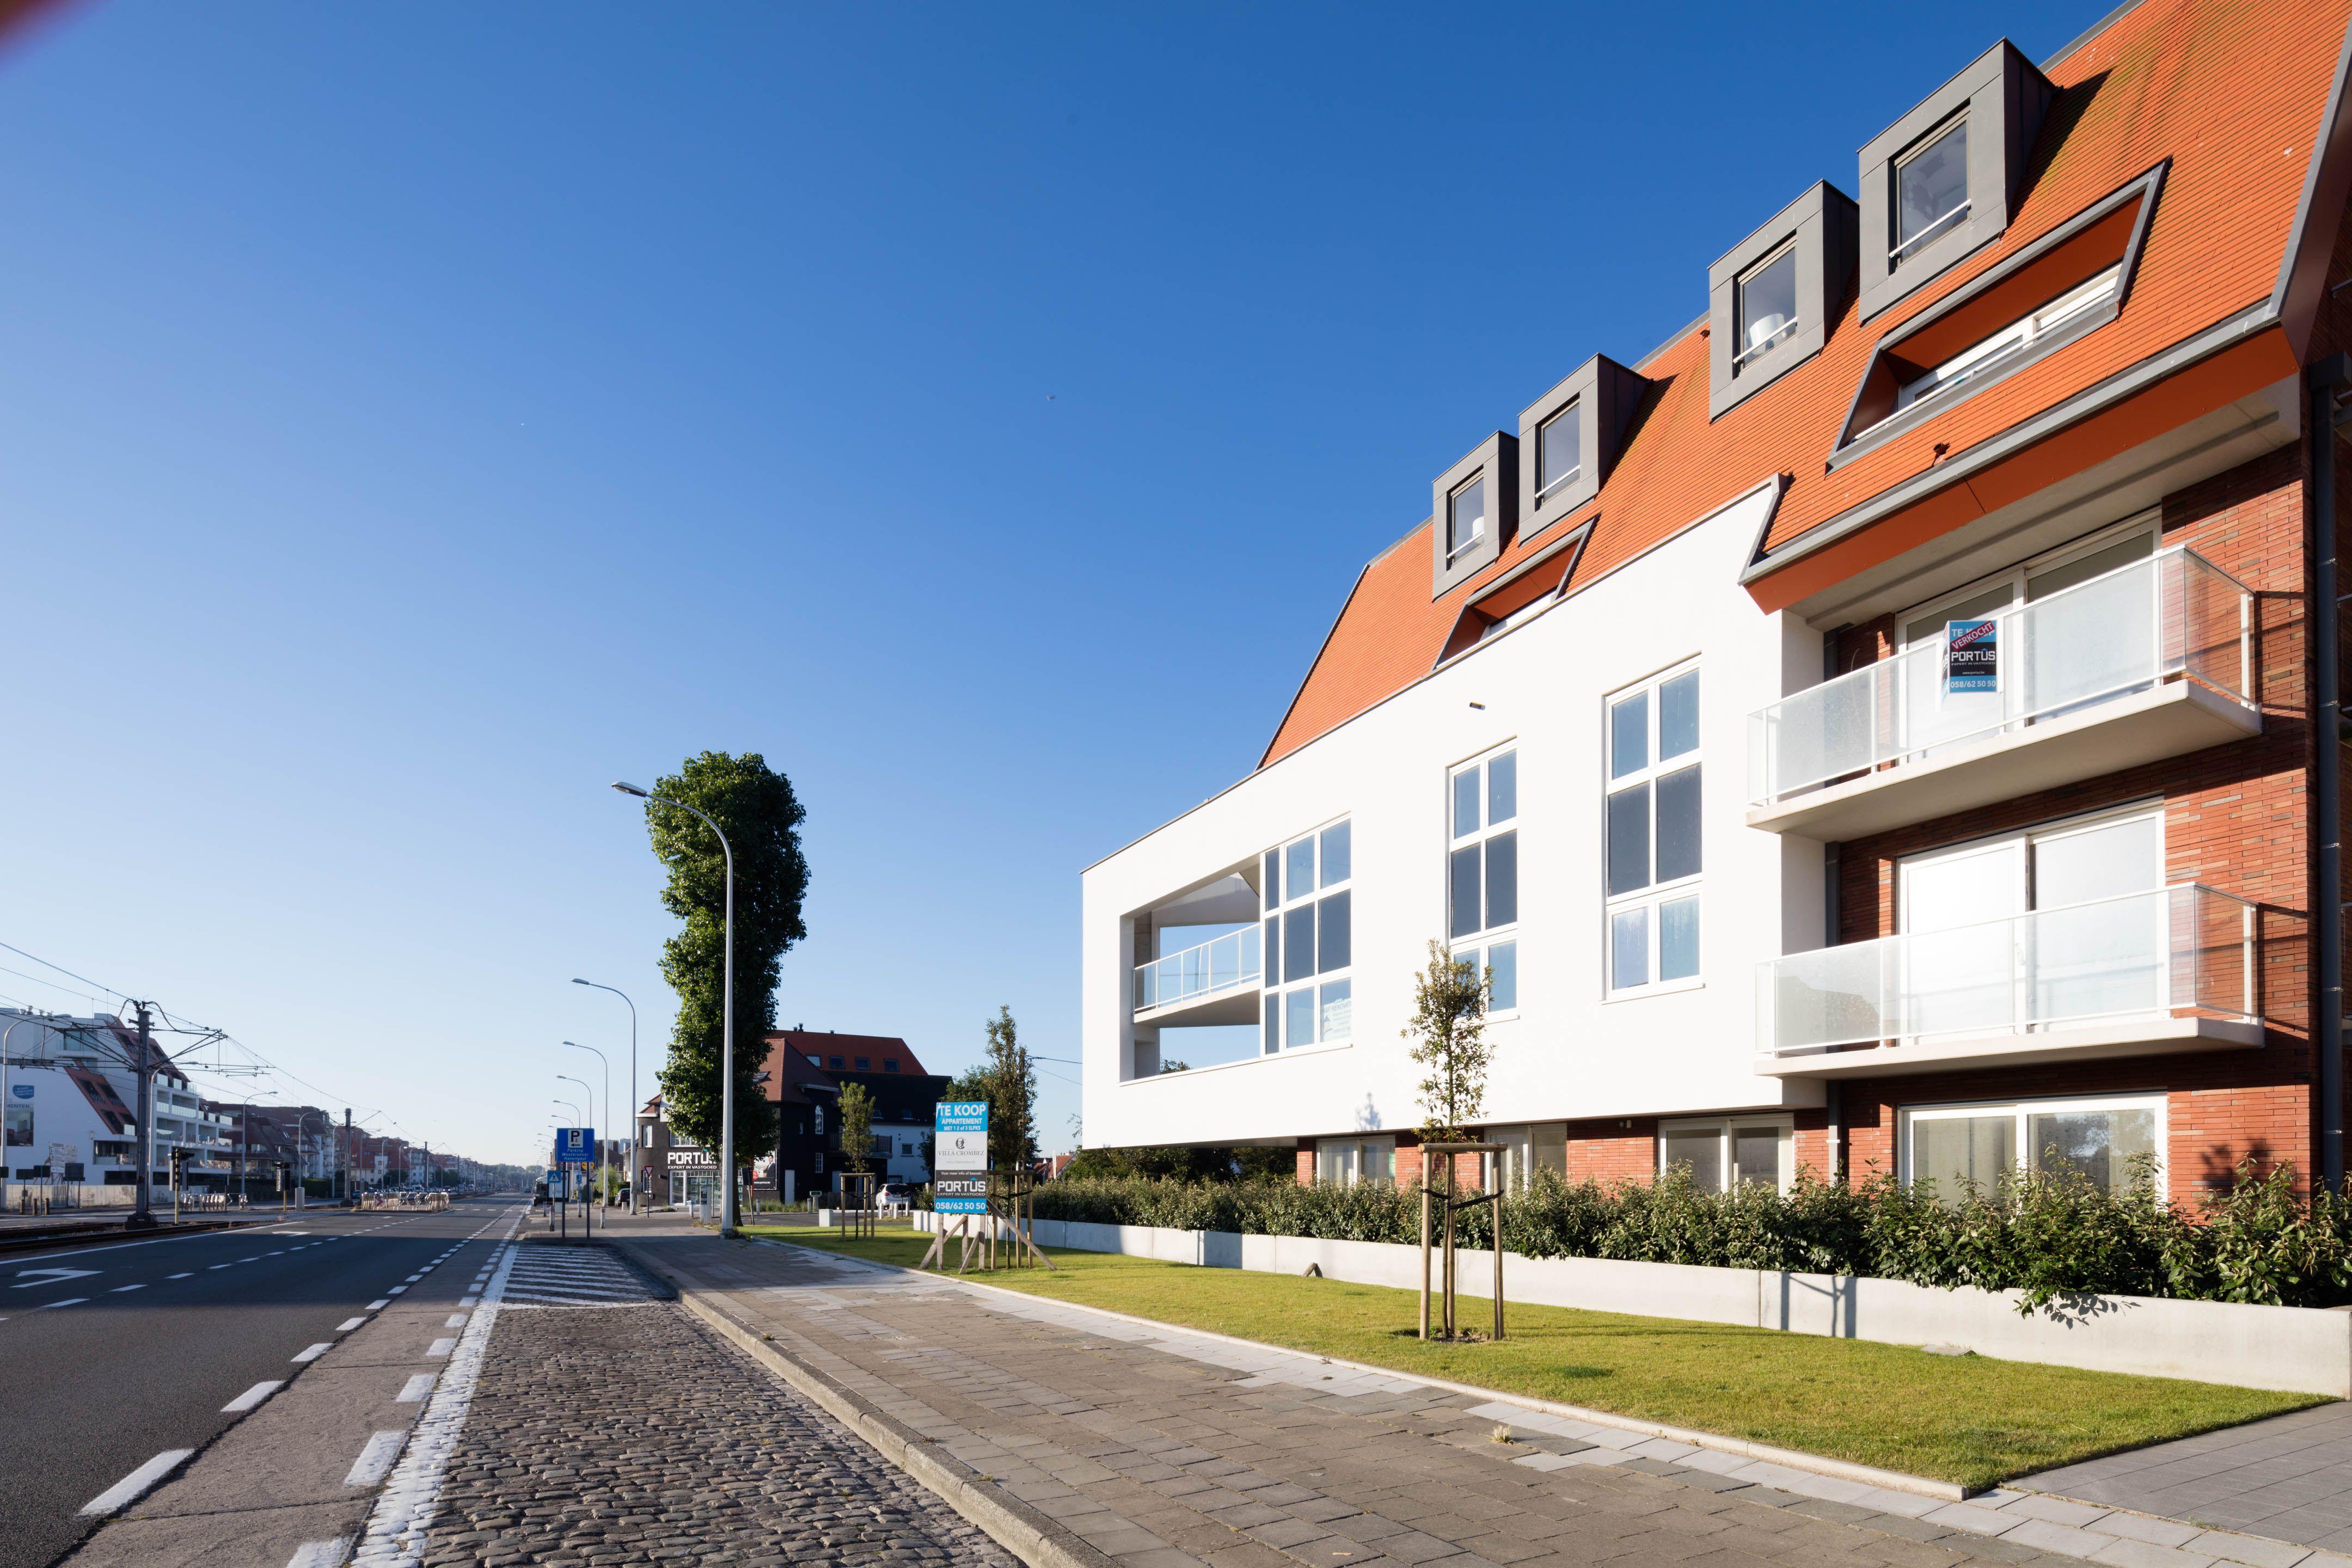 Appartement te koop met 3 slaapkamers, 2 badkamers en groot terras  - 9319